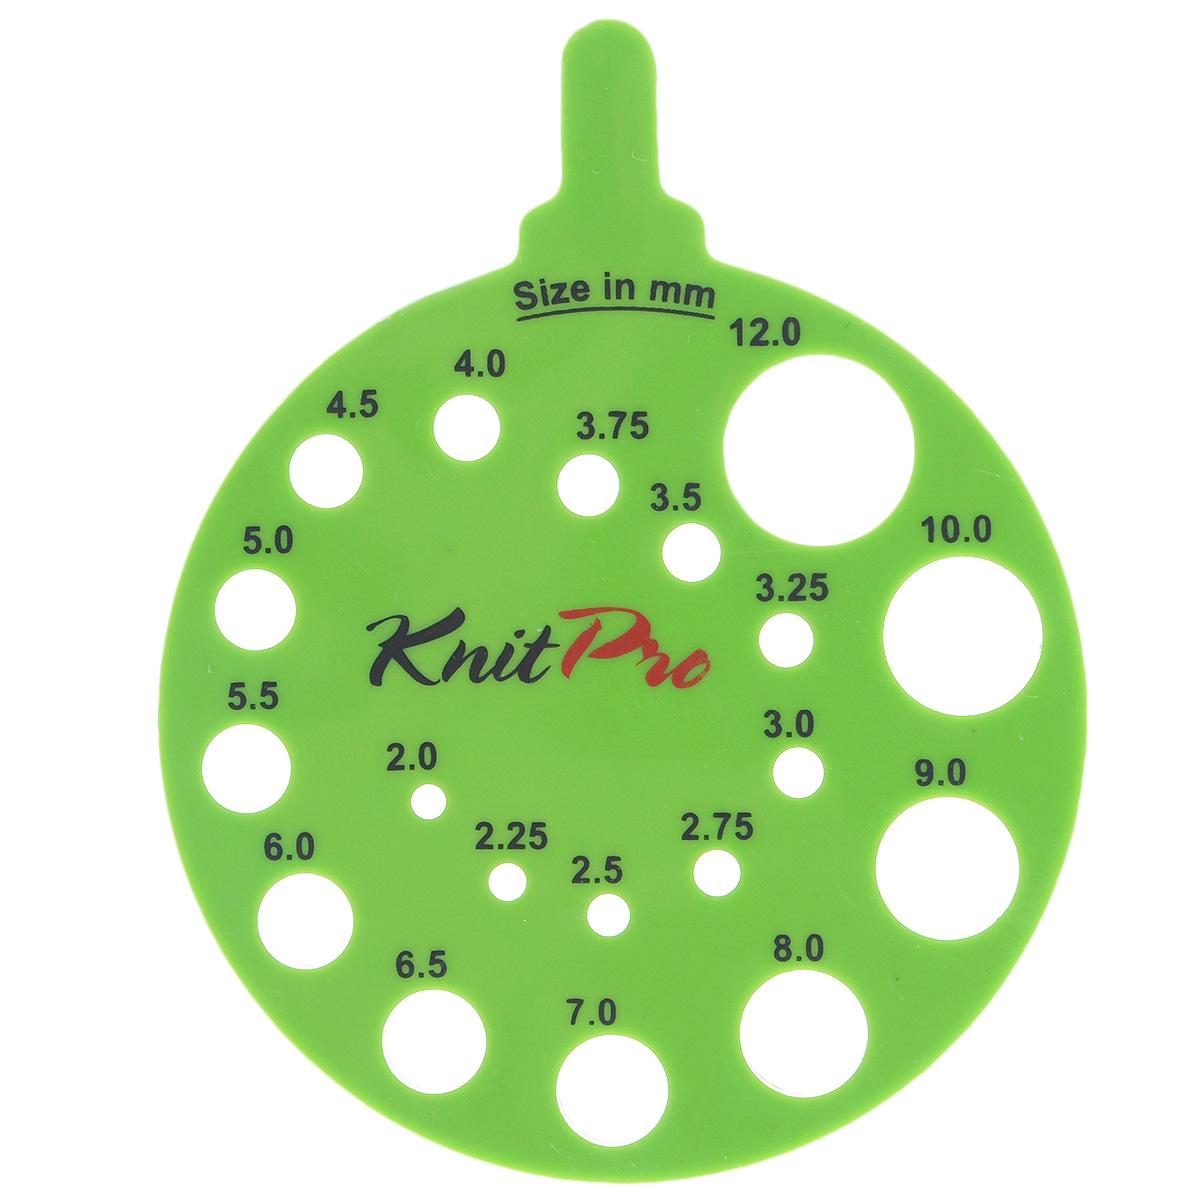 Линейка KnitPro для определения номера спиц, круглая, цвет: зеленый10992Линейка KnitPro изготовлена из пластика и предназначена для определения номера спиц. На ней имеются круглые отверстия различного диаметра, с указанным рядом размером. Для того чтобы правильно определить номер, вставьте в отверстие спицу, которая должна проходить свободно и не застревать. Во время калибровки действия производите осторожно, не прилагая физических усилий. В противном случае после ошибочных манипуляций отверстия могут со временем расшириться, а значит, потерять свою точность. Размеры спиц: от 0 до 17. Диаметр линейки: 6 см.